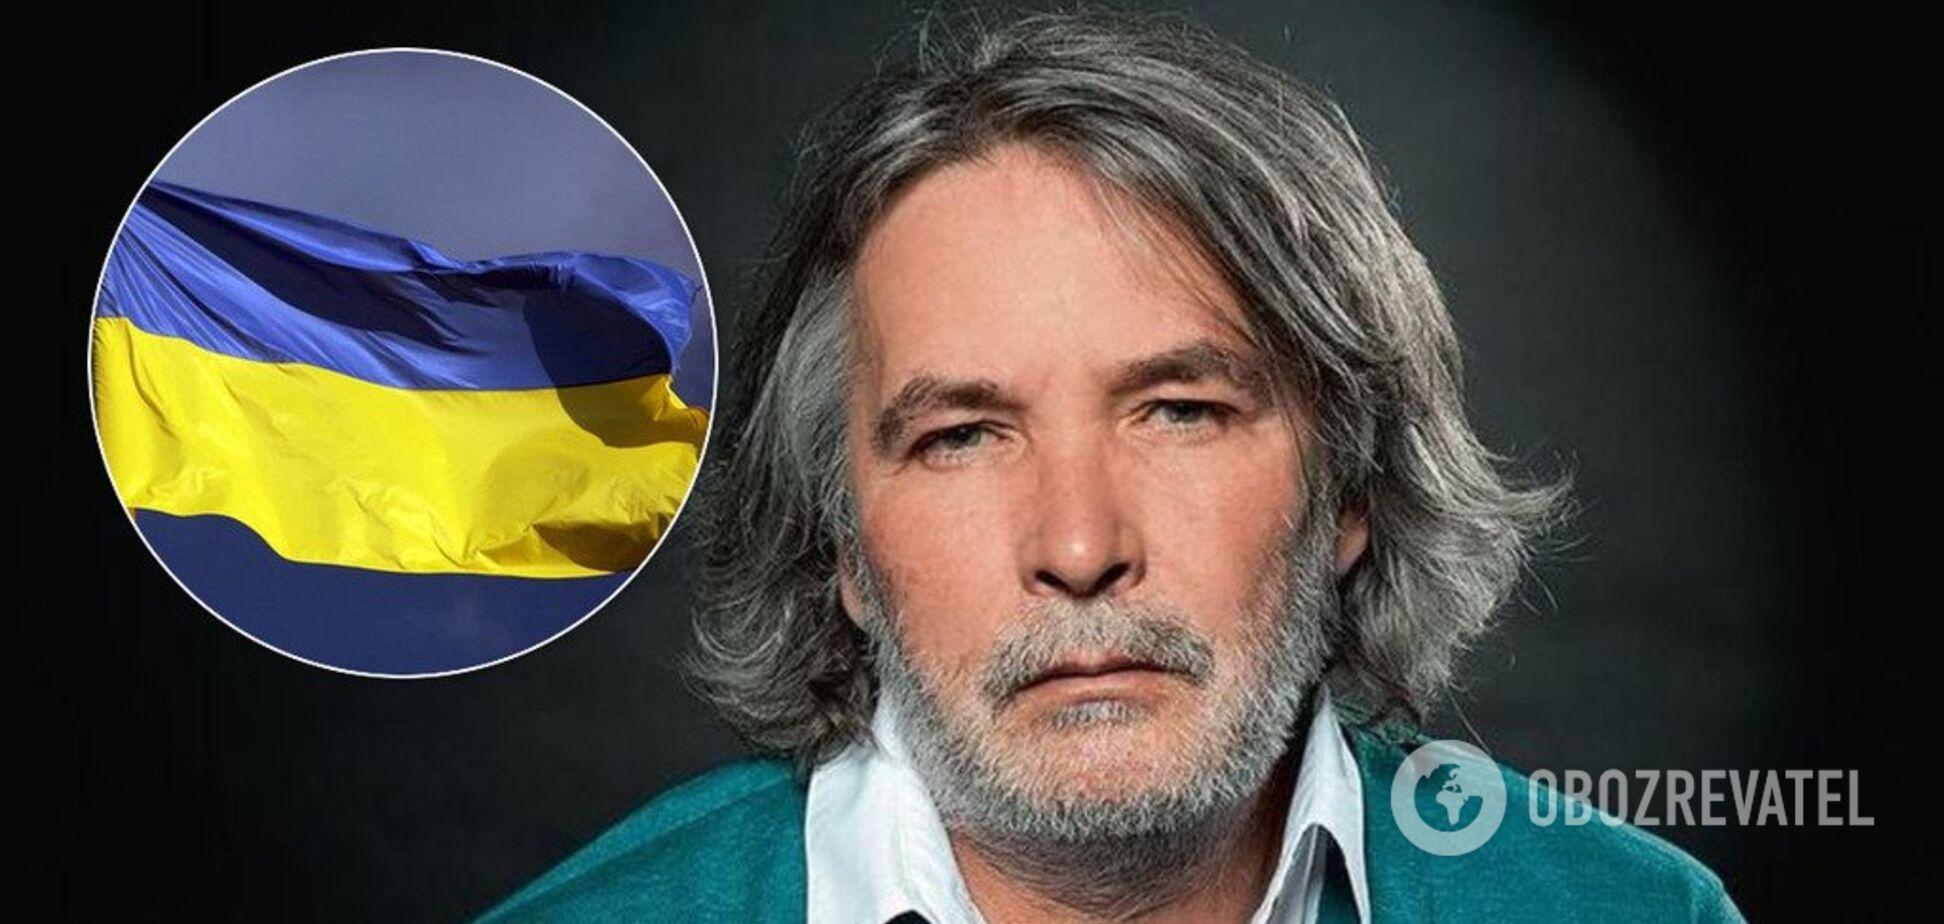 Российский поэт признался, что финансирует украинскую армию